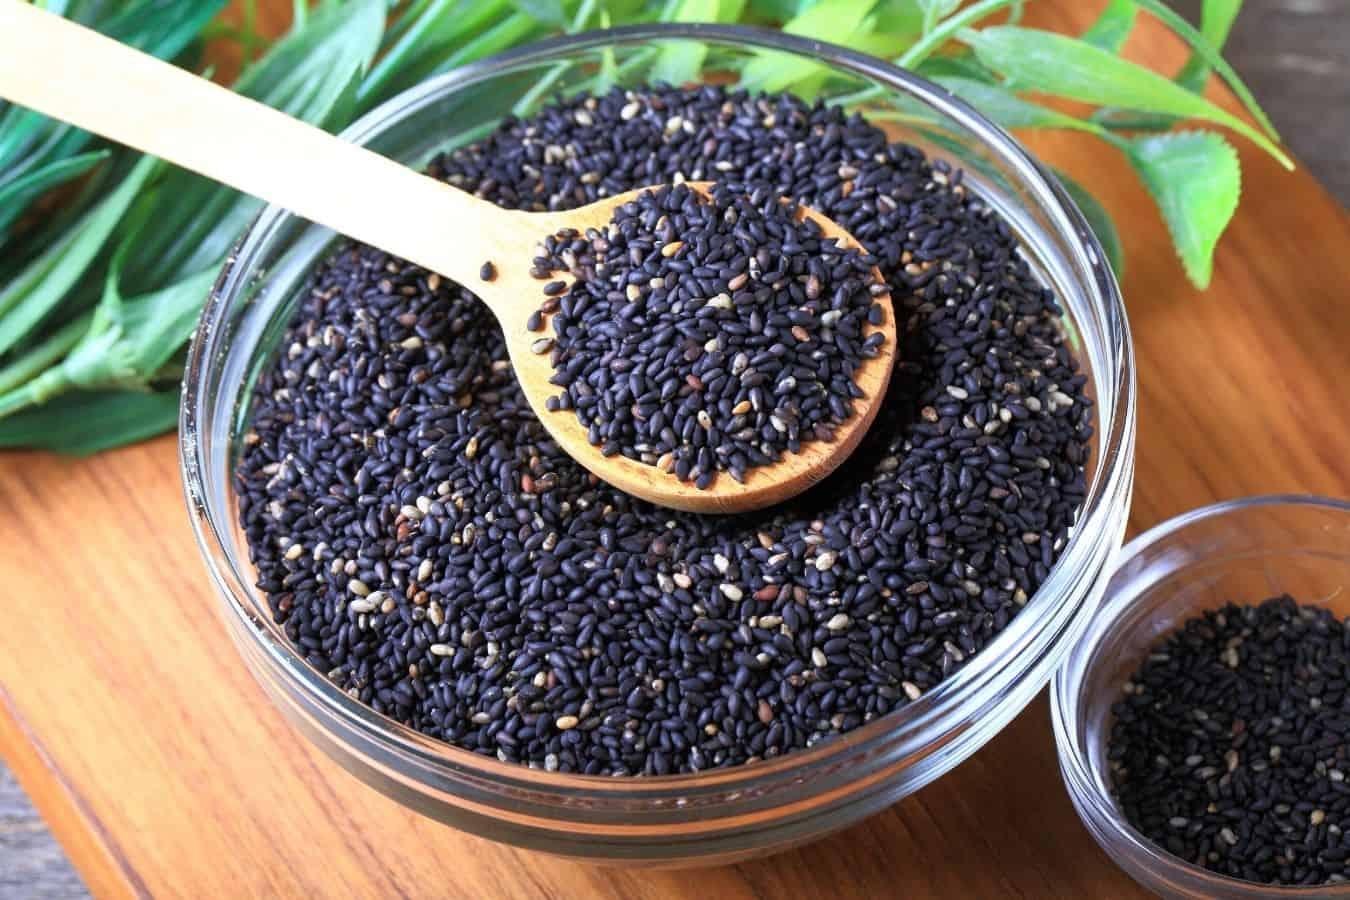 Black Sesame Seeds For Gray Hair